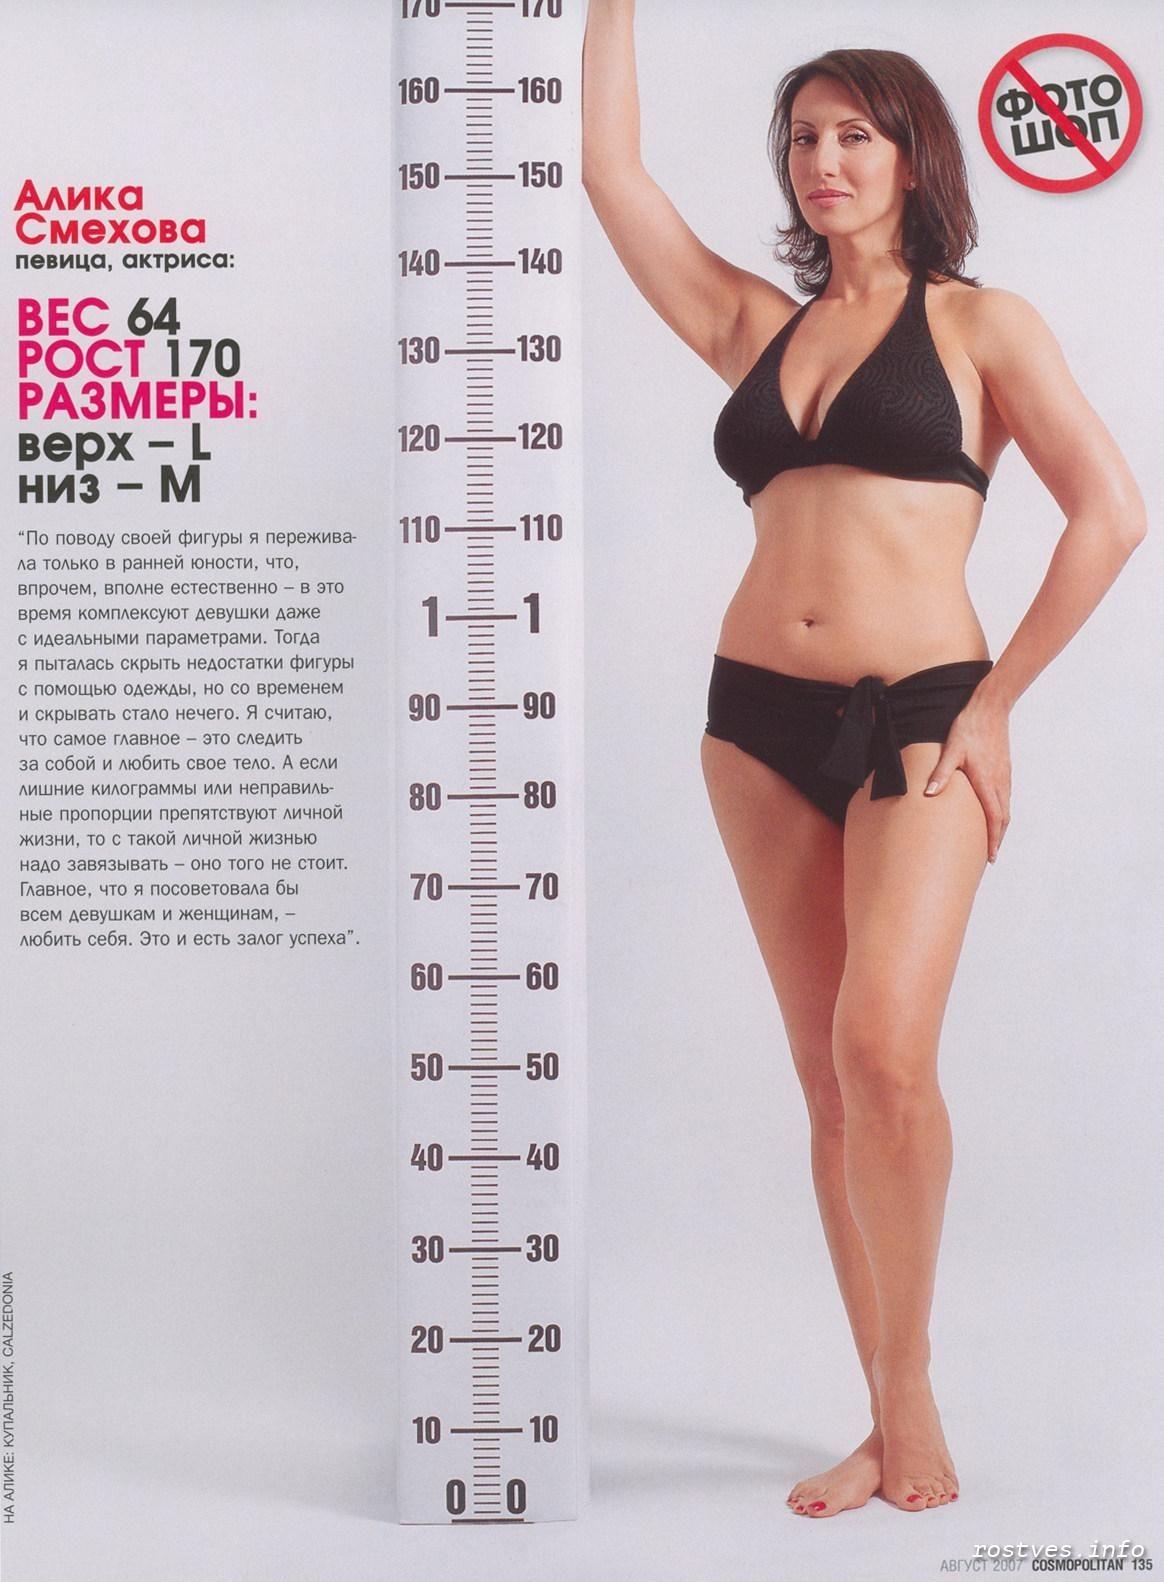 Рост м вес порнозвезд 6 фотография